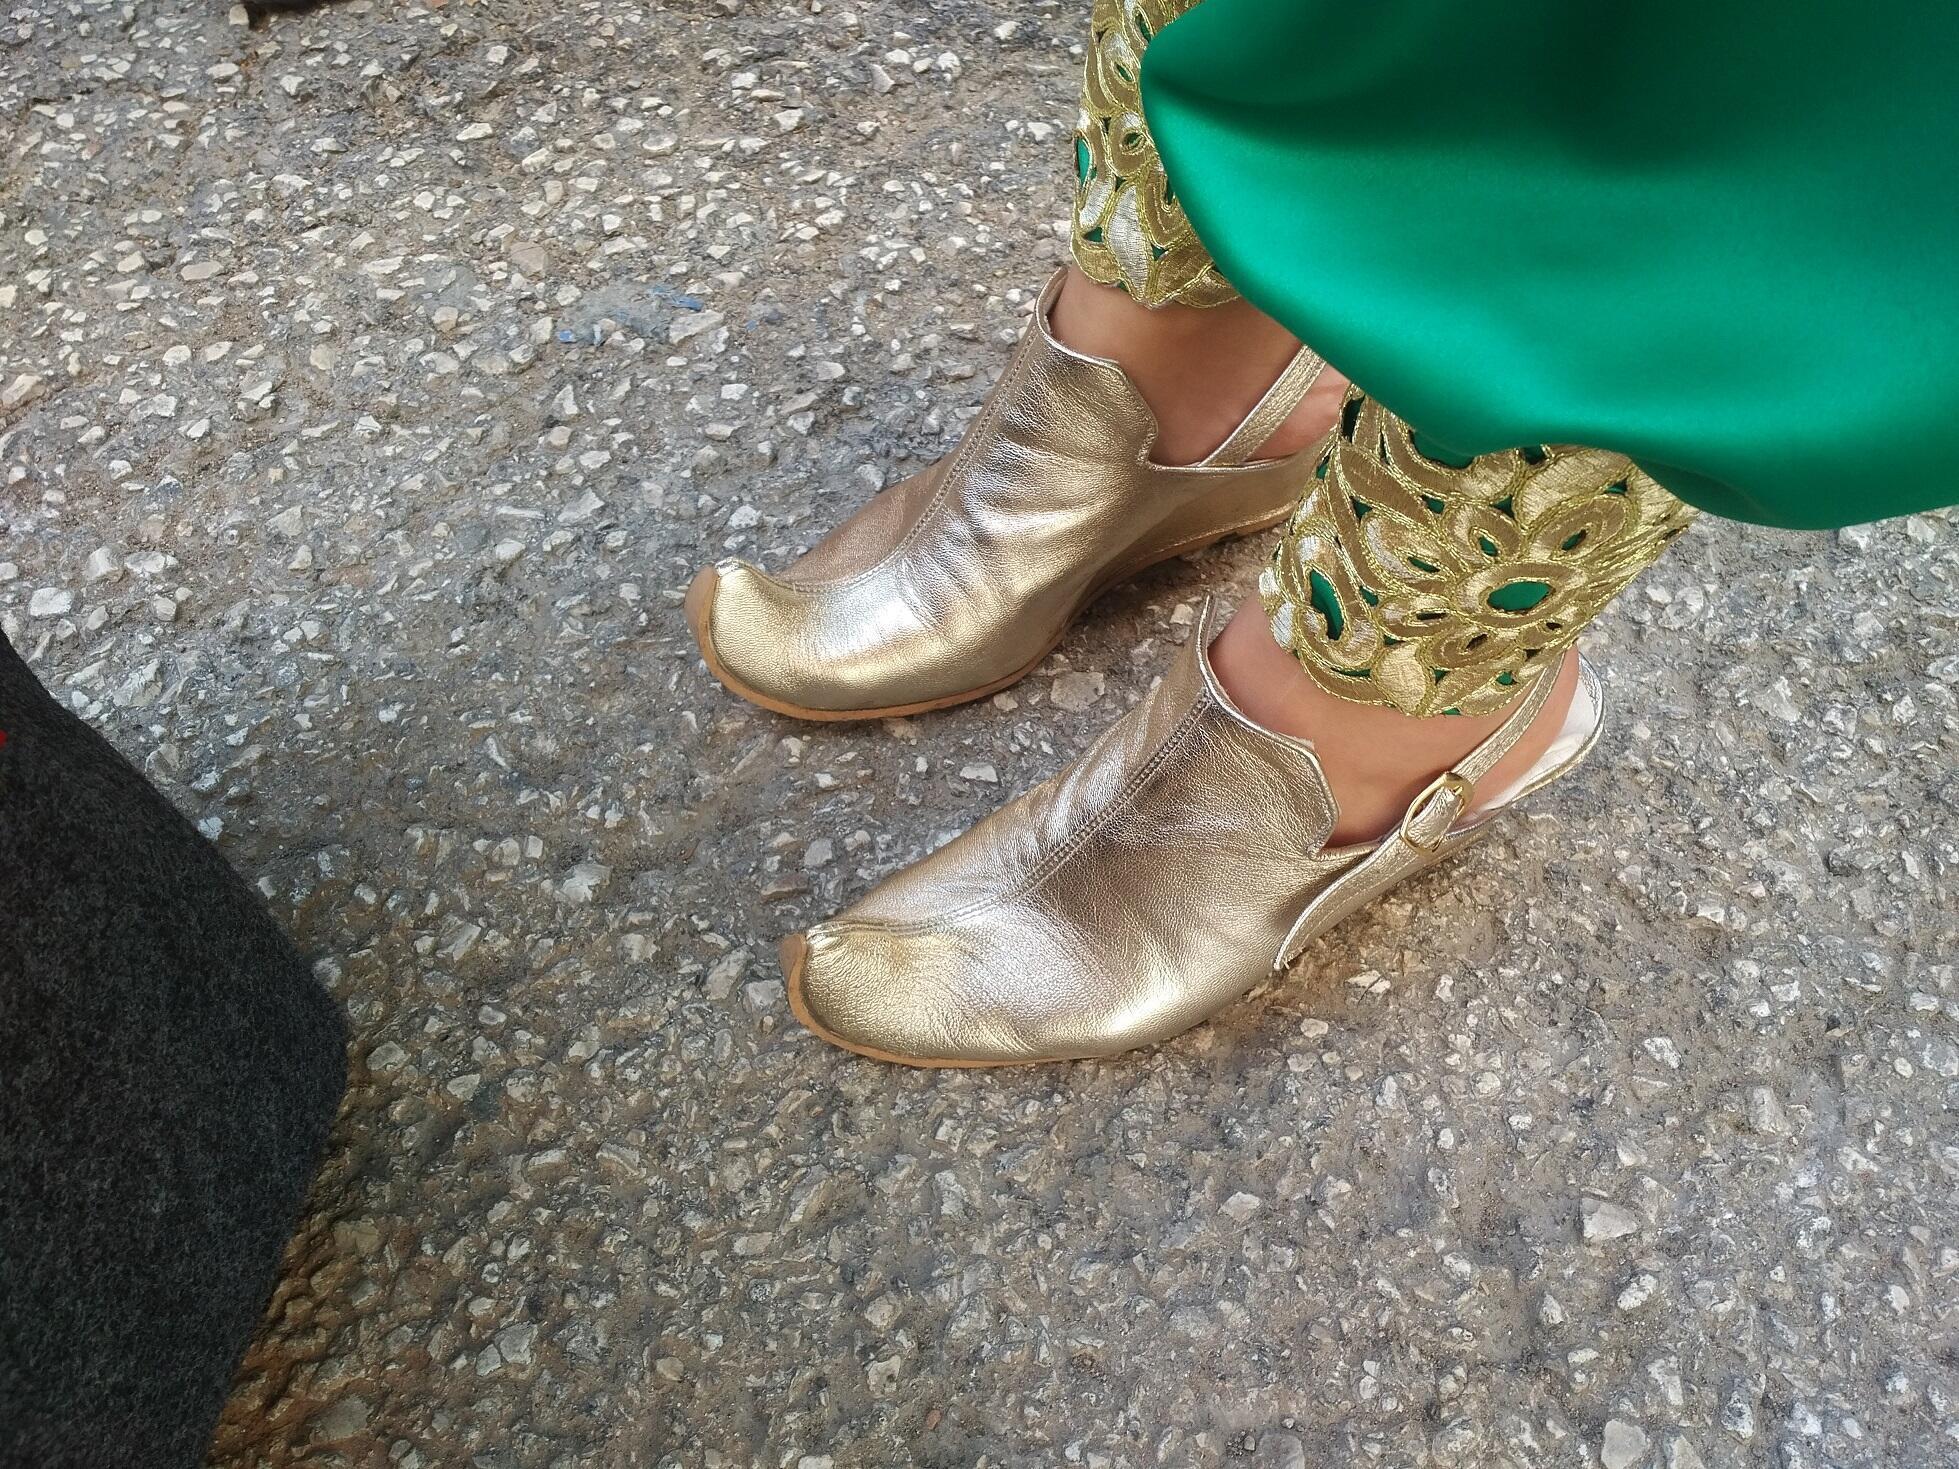 Zapatos de la comparsa Almanzárabe.